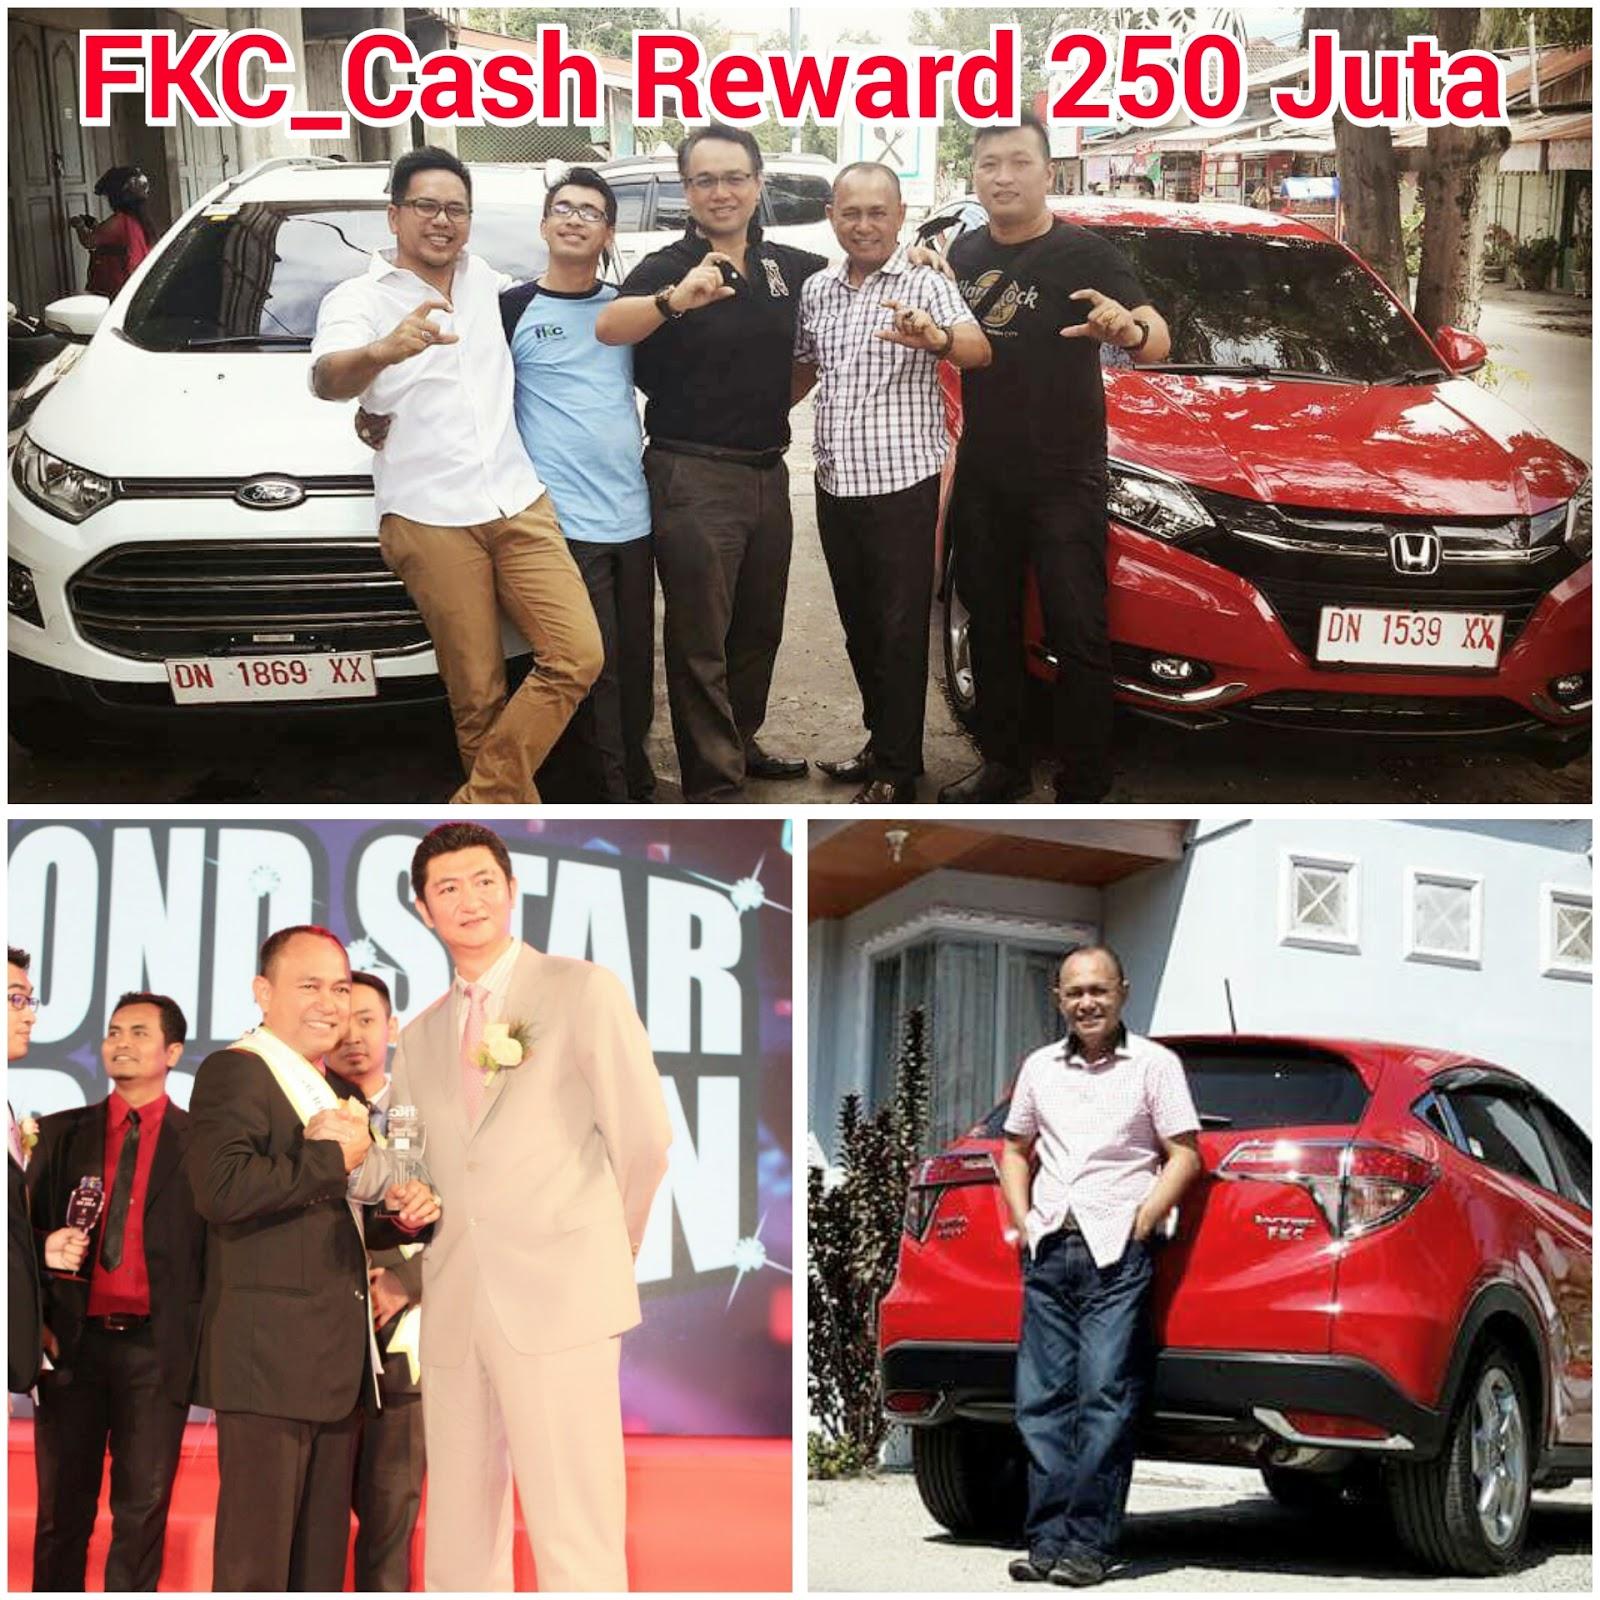 Bisnis Fkc Syariah - Reward Fkc Taswin Ambotang